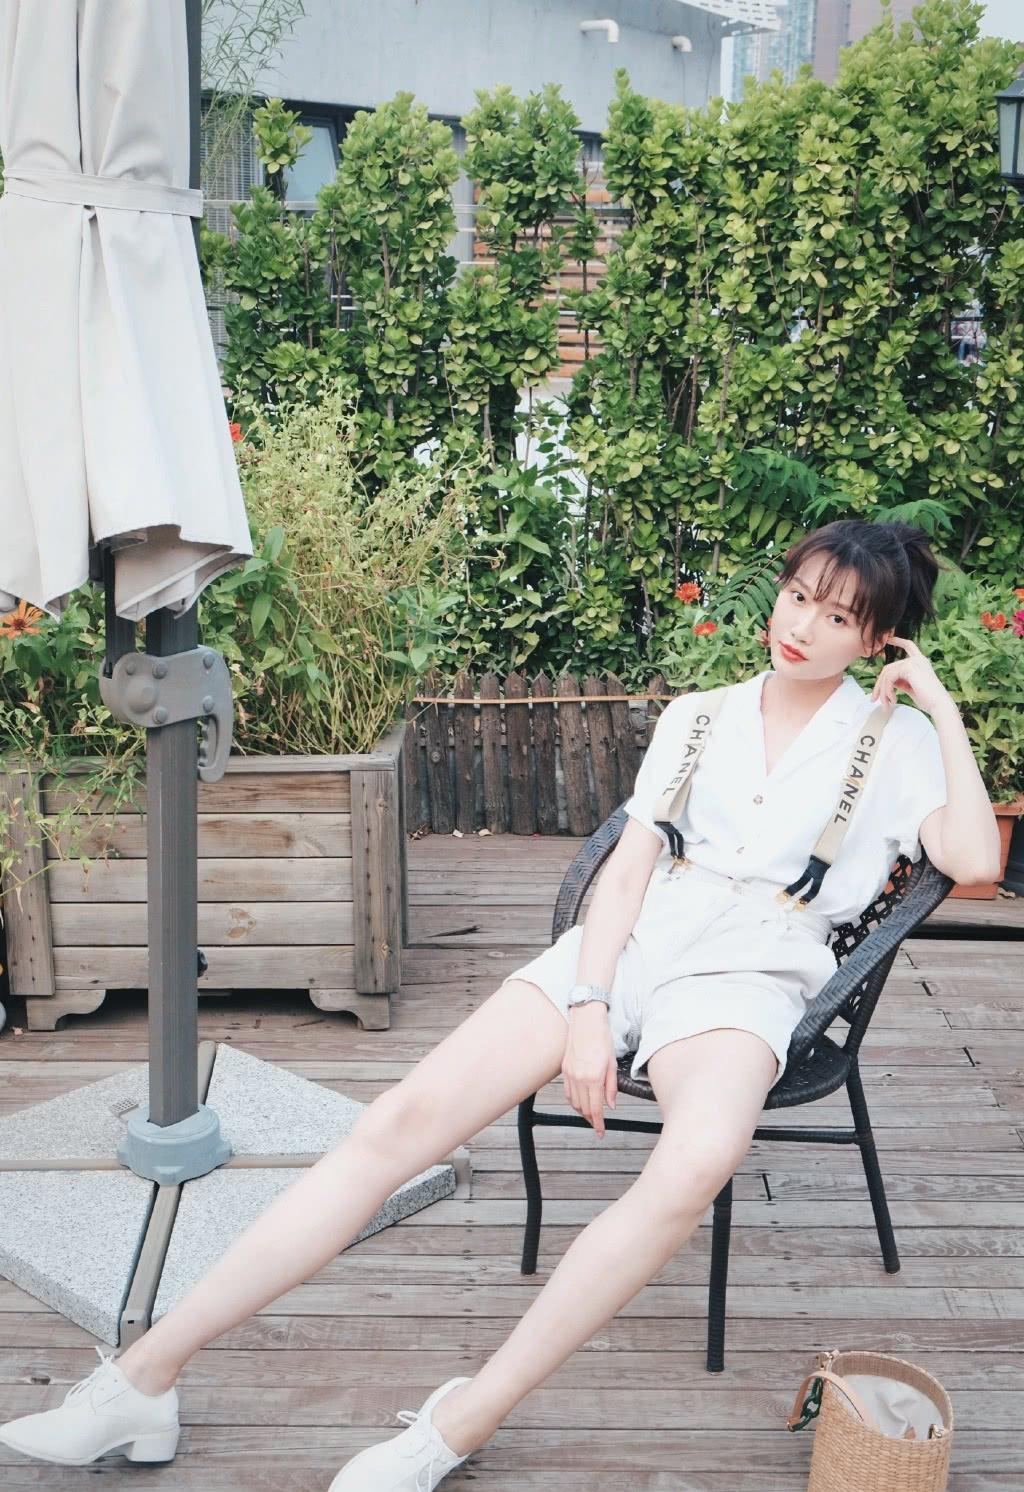 女艺人李斯羽甜美休闲时尚写真